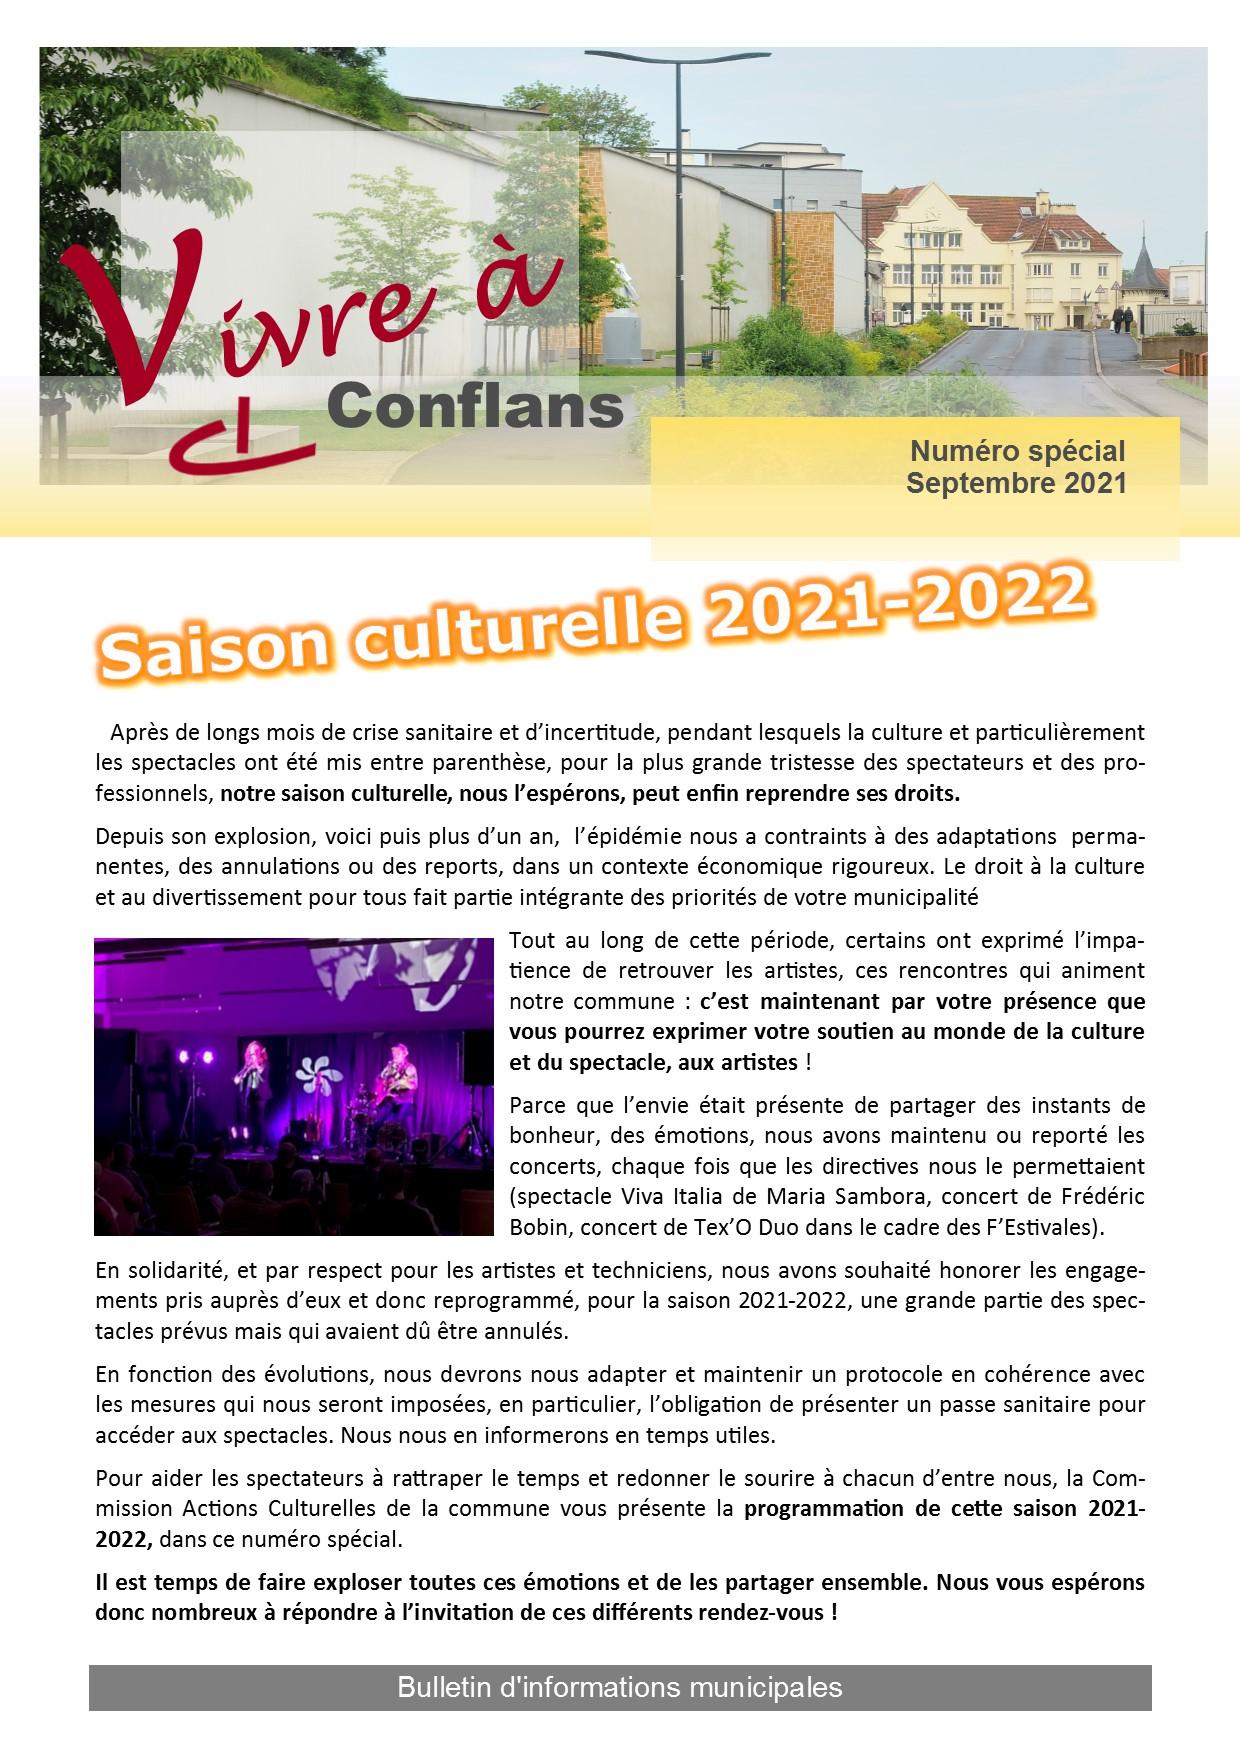 vac_sept_2021_saison_culturelle_1